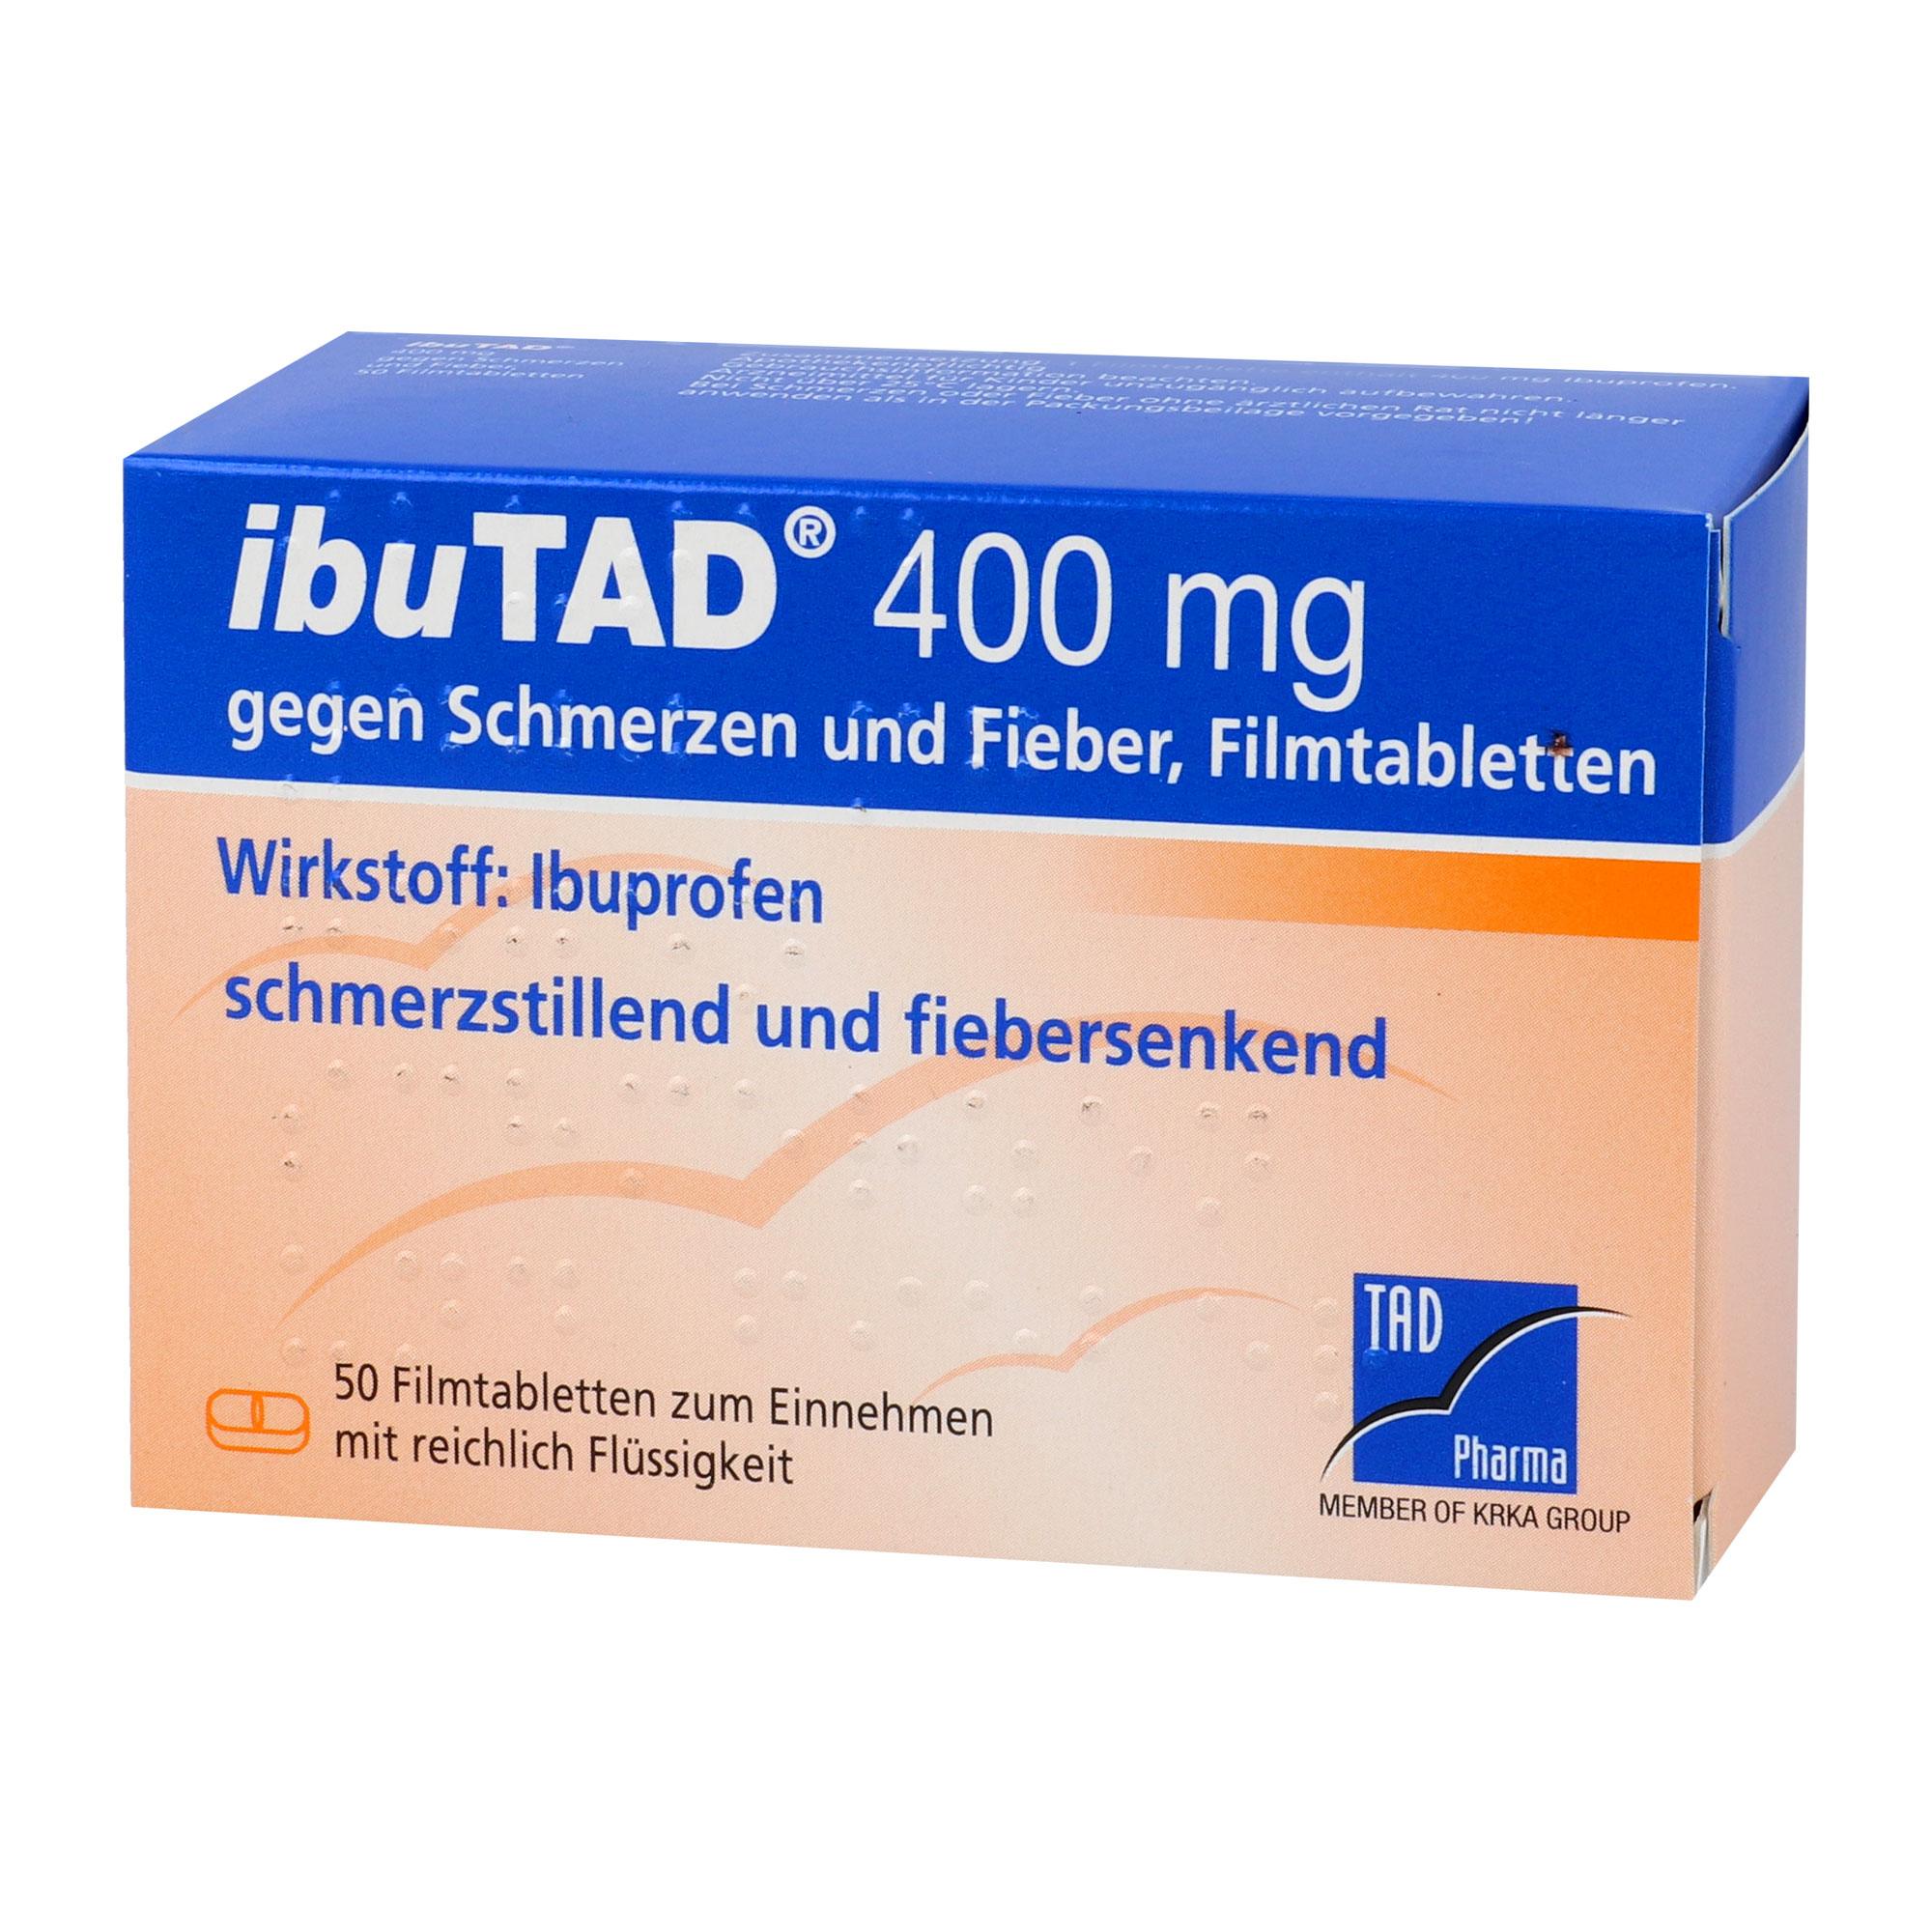 Ibutad 400 mg gegen Schmerzen und Fieber